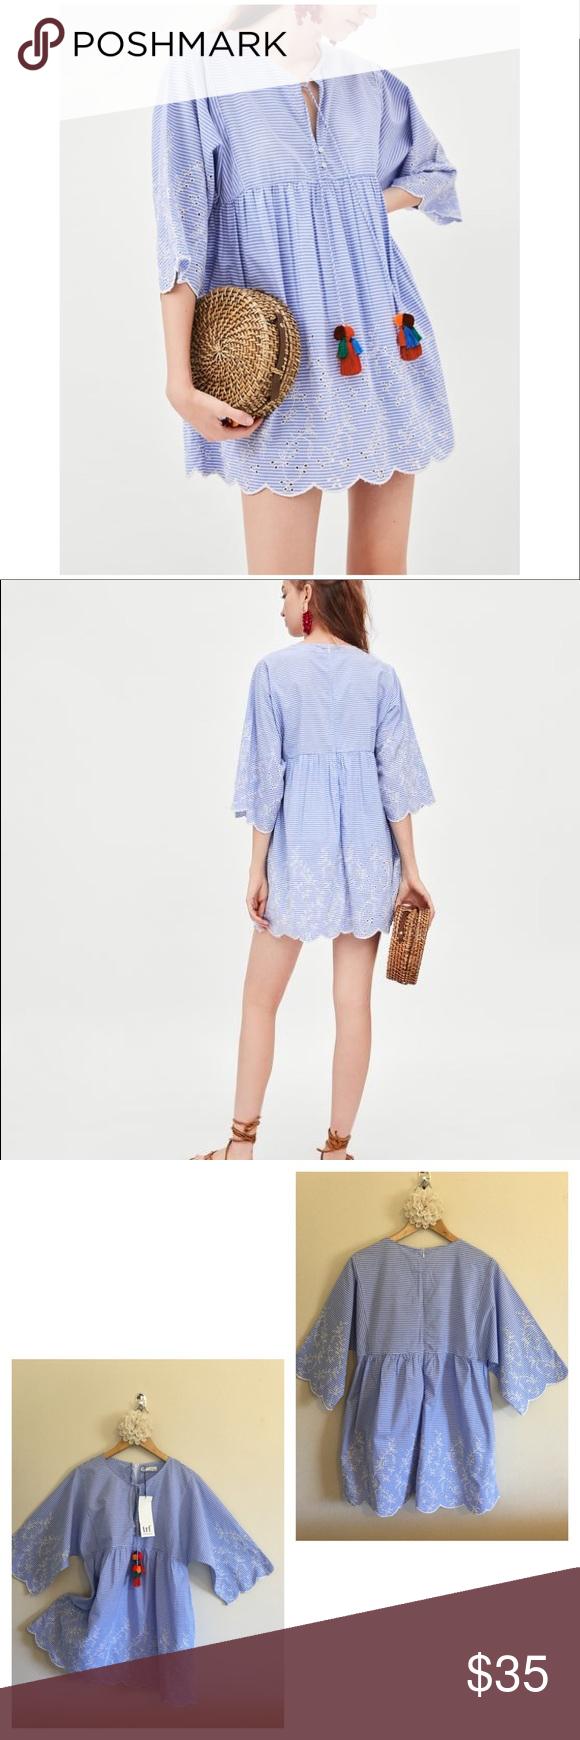 9bf67c58 Zara TRF Pinstripe Dress Pom Poms Embroidered NWT Beautiful and trendy Zara  Shift dress with blue